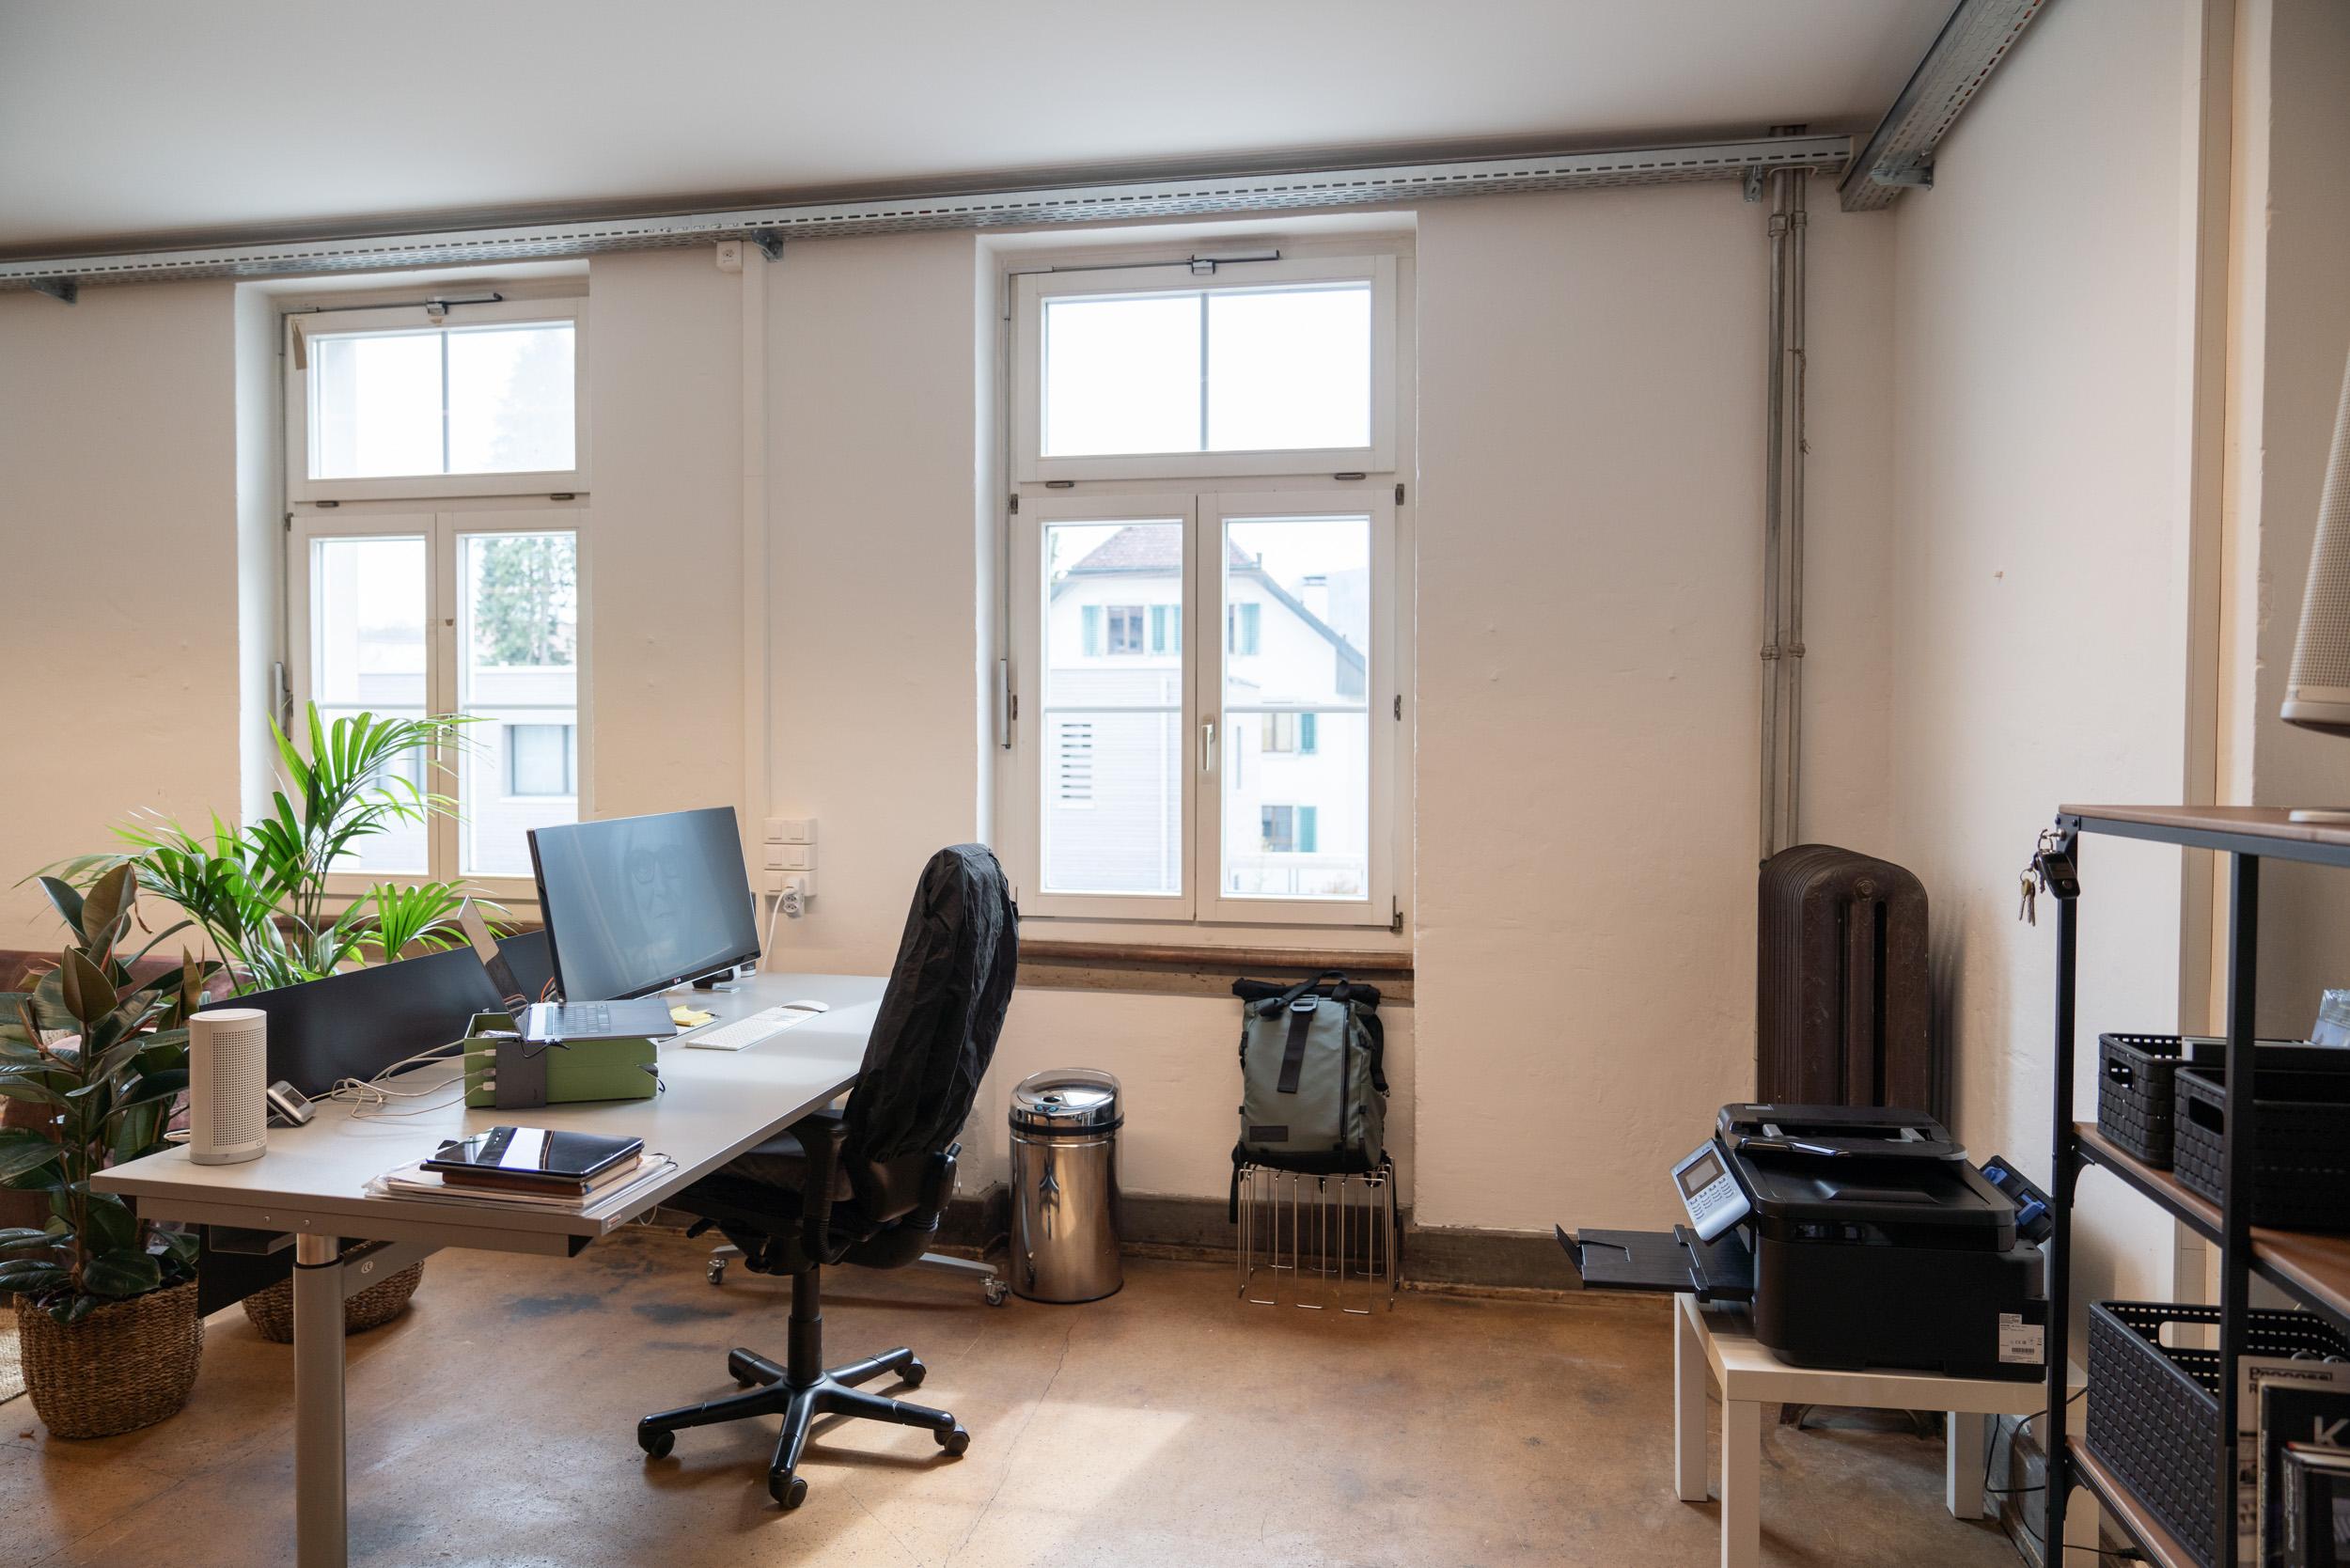 CropFactory_Studio_Villmergen-12.jpg